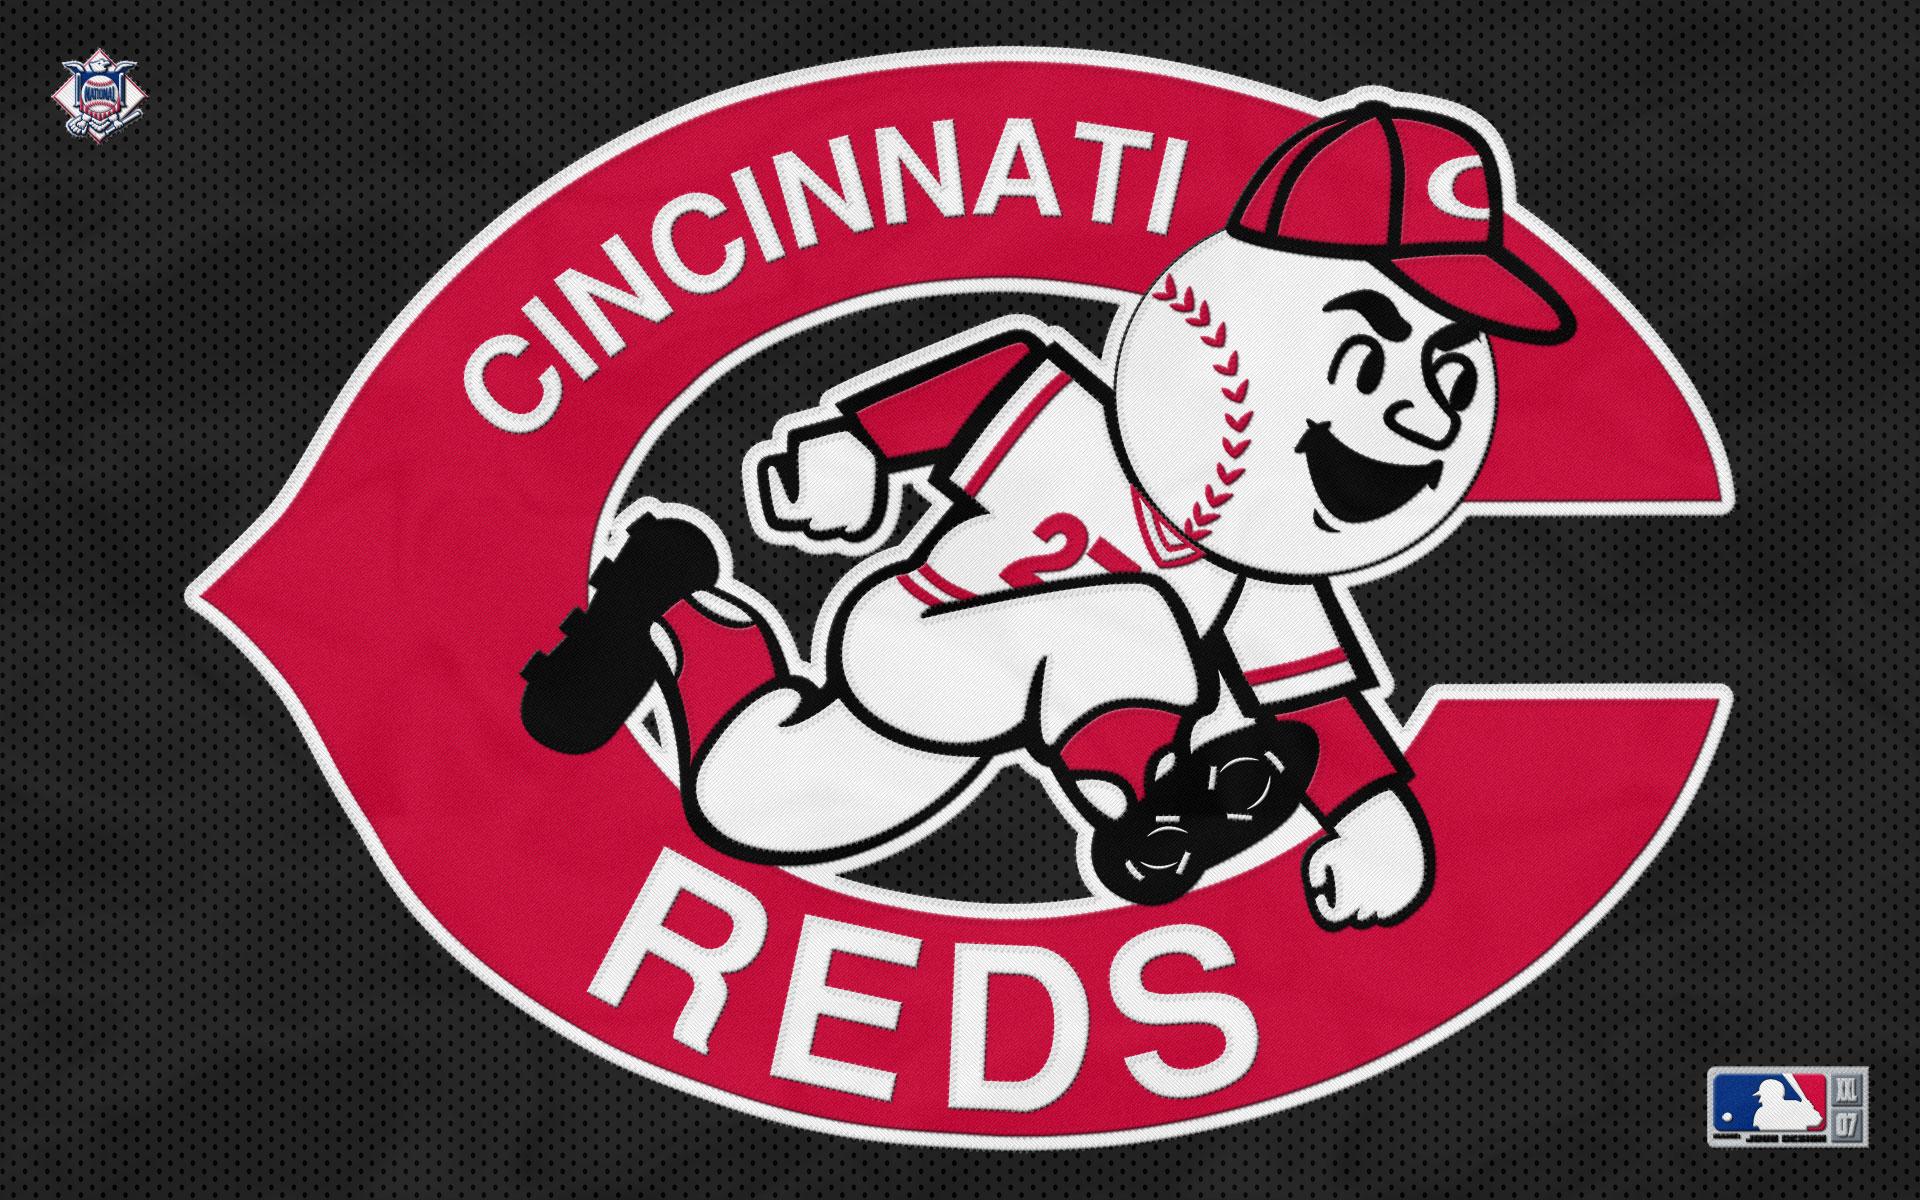 Cincinnati Reds Wallpaper 5   1920 X 1200 stmednet 1920x1200